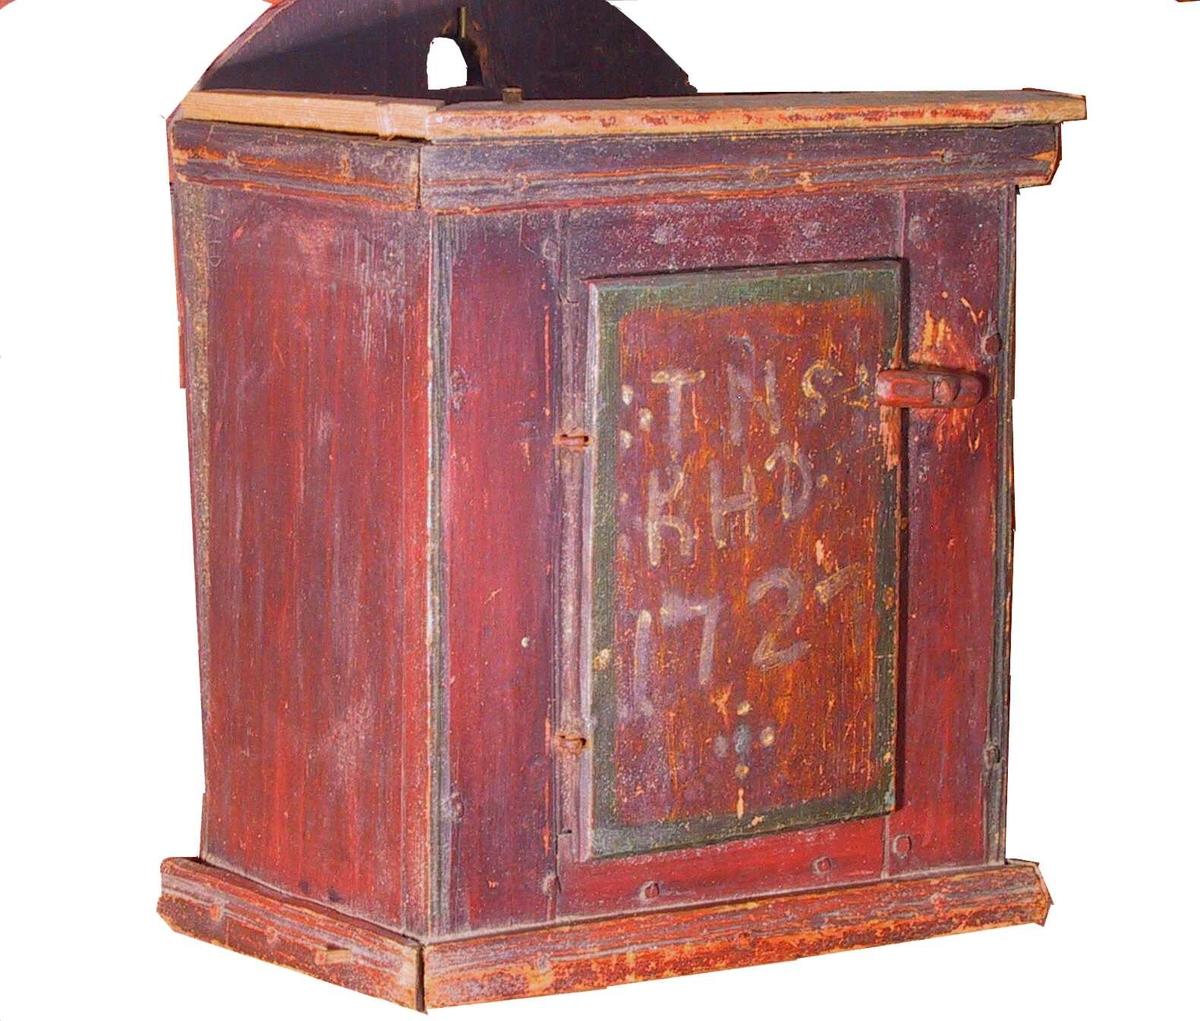 Hengeskap, av furu. Lite, kasseformet rødmalt hengeskap med bakplate med rundet topp hvori hull for krok. Bakplaten eik. Grovt arbeide. En liten dør med slå for i fronten. Skapet har bare ett rom. Gesimslist og forlist. På døren er malt bokstavene TNS & KHD og årstallet 1727.